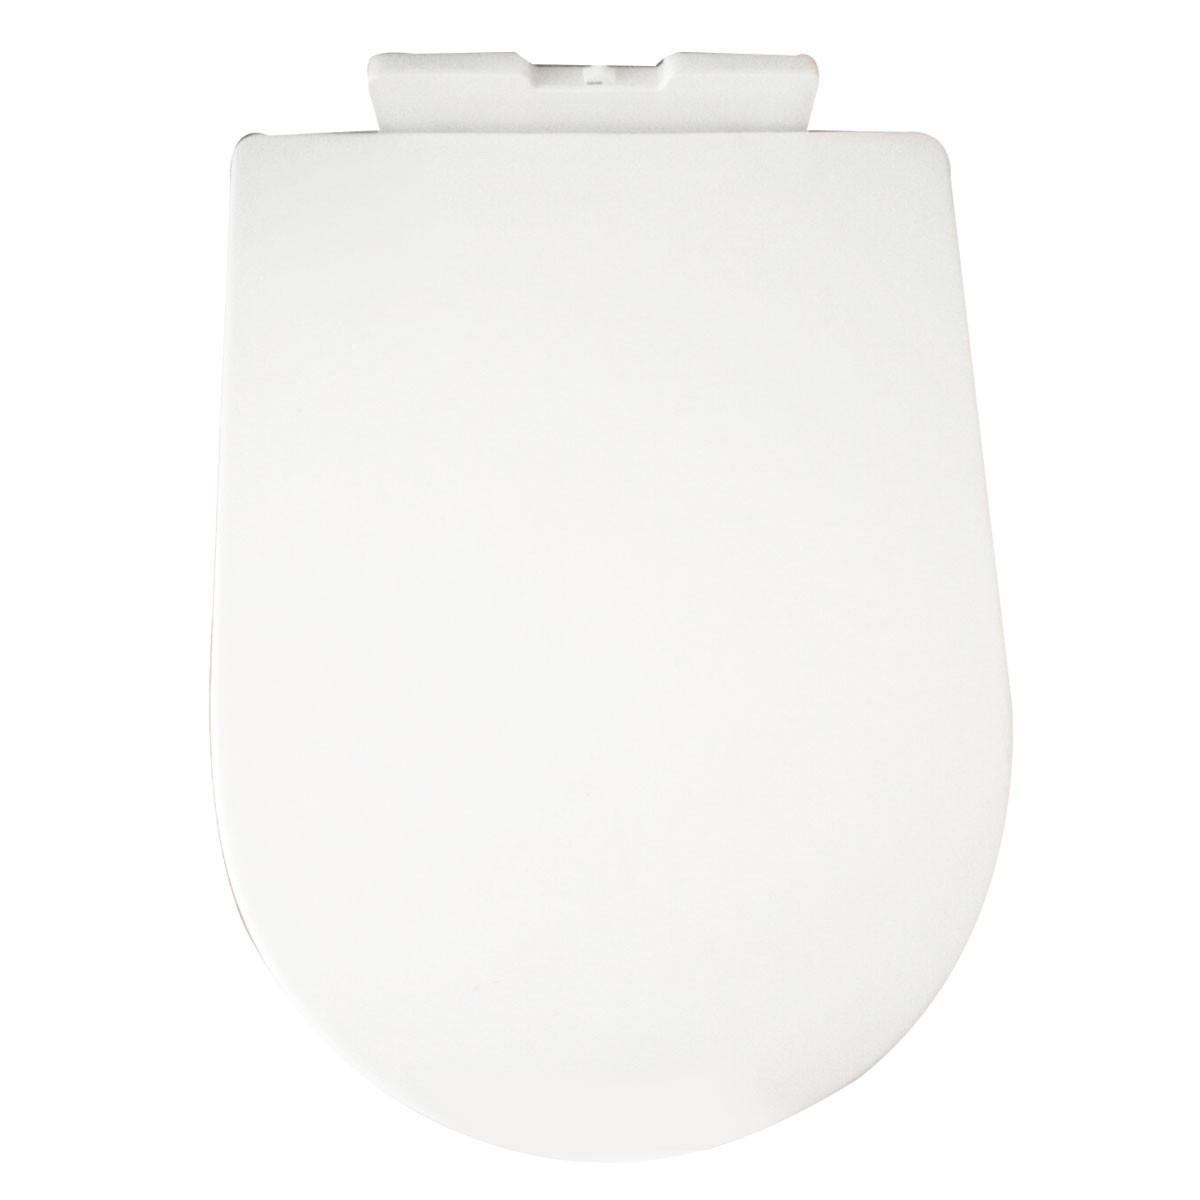 Si ge de toilette blanc fermeture douce avec couvercle en pp dk cl 090 - Couvercle de toilette ...